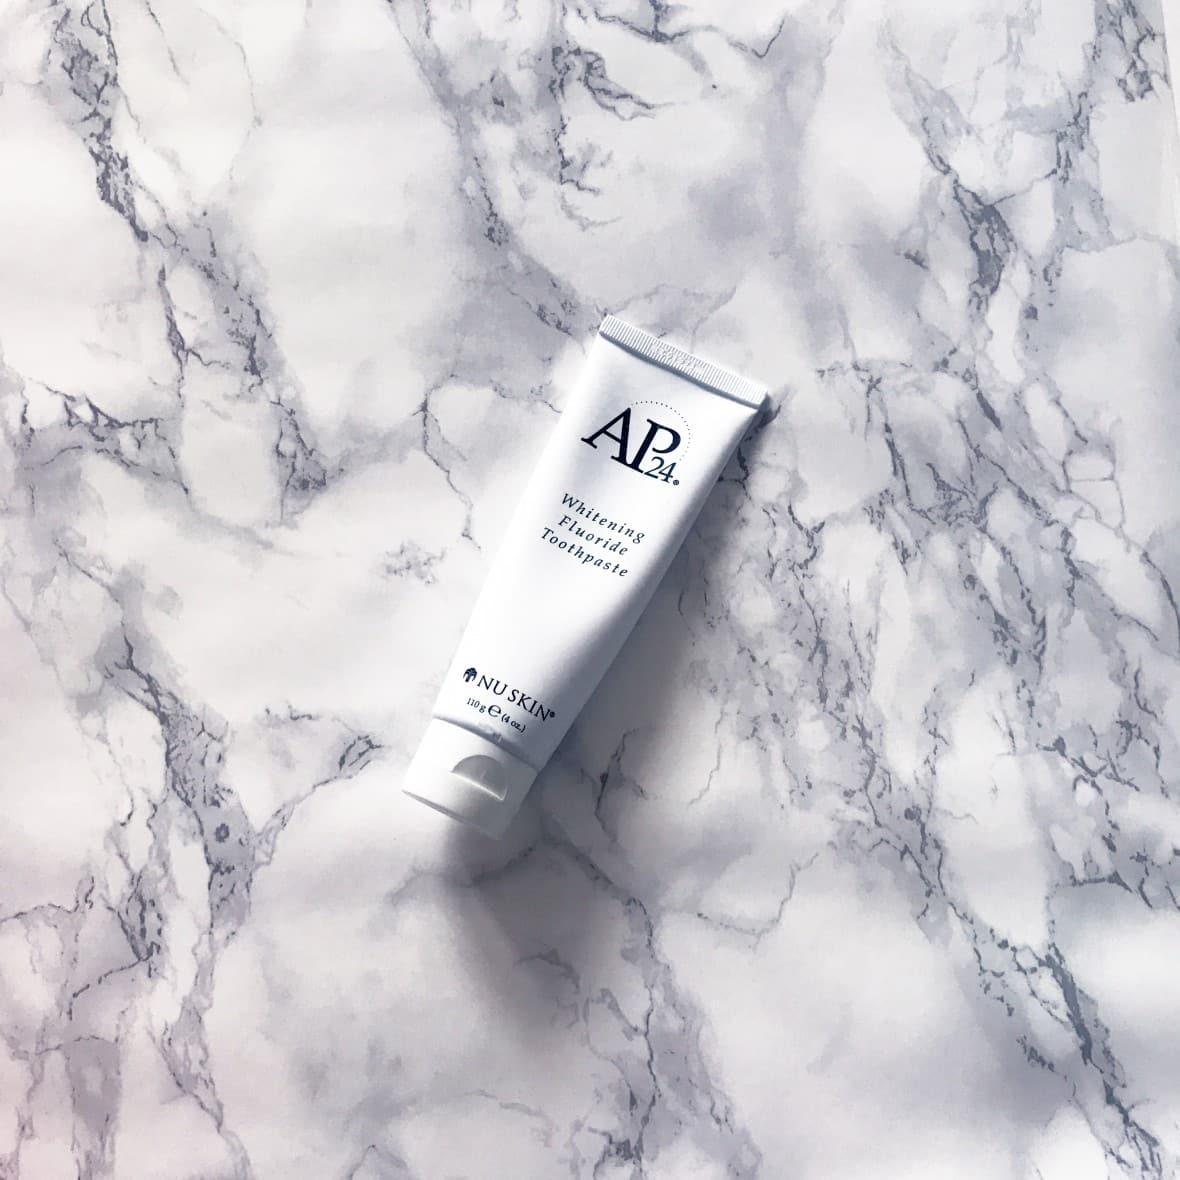 Nuskin AP 24 Toothpaste